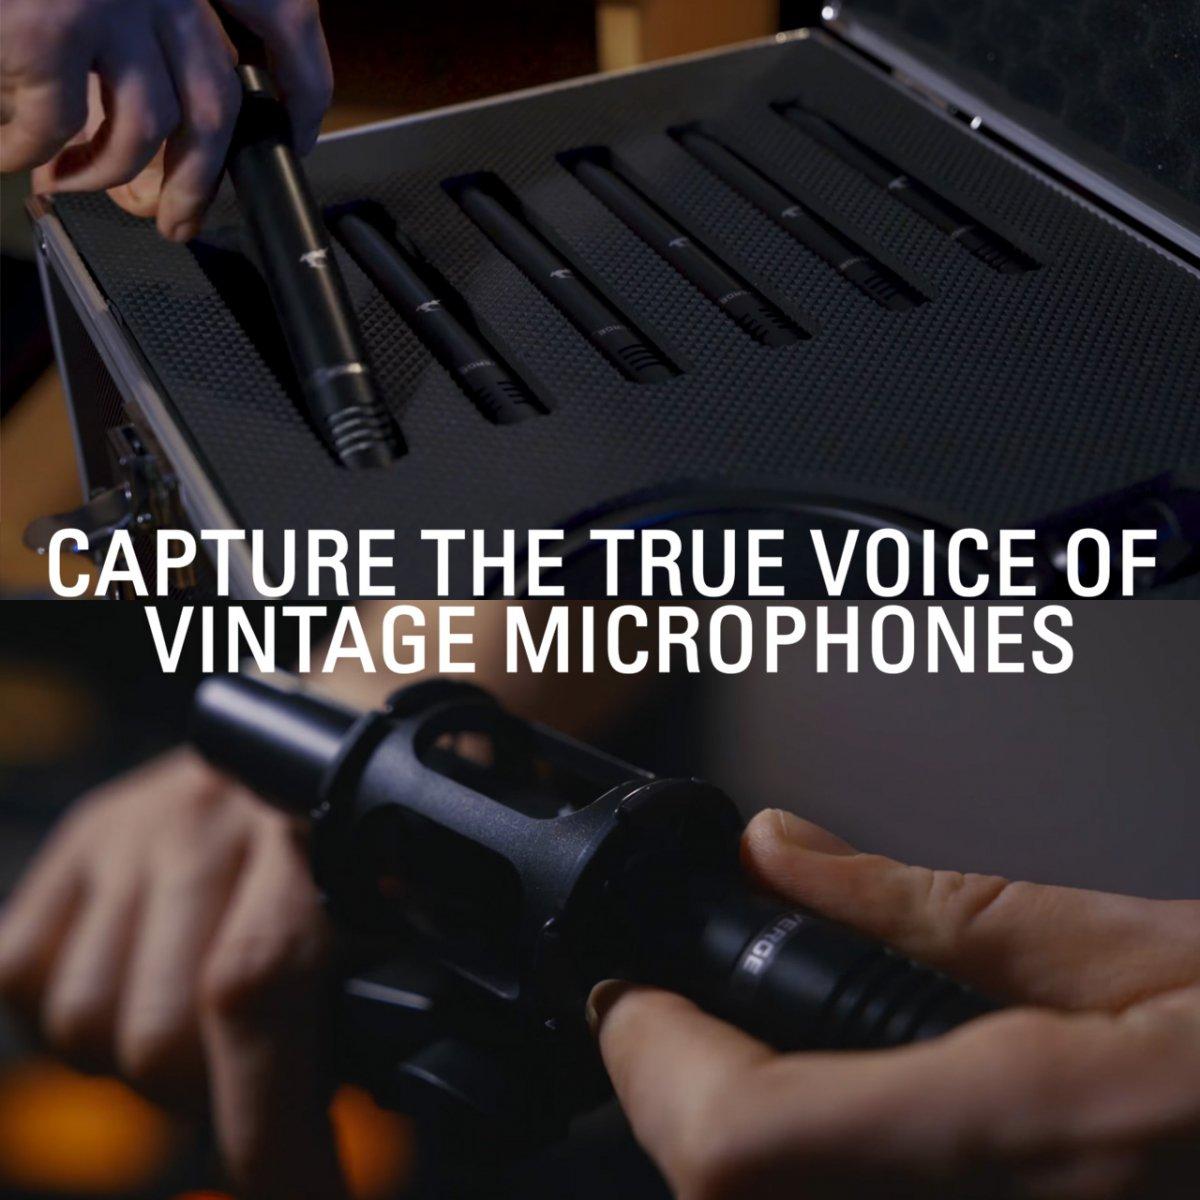 【超お得! 価値あり! スペシャル バンドル】 Antelope Audio Verge スモールダイアフラム モデリング マイク アンテロープ オーディオ